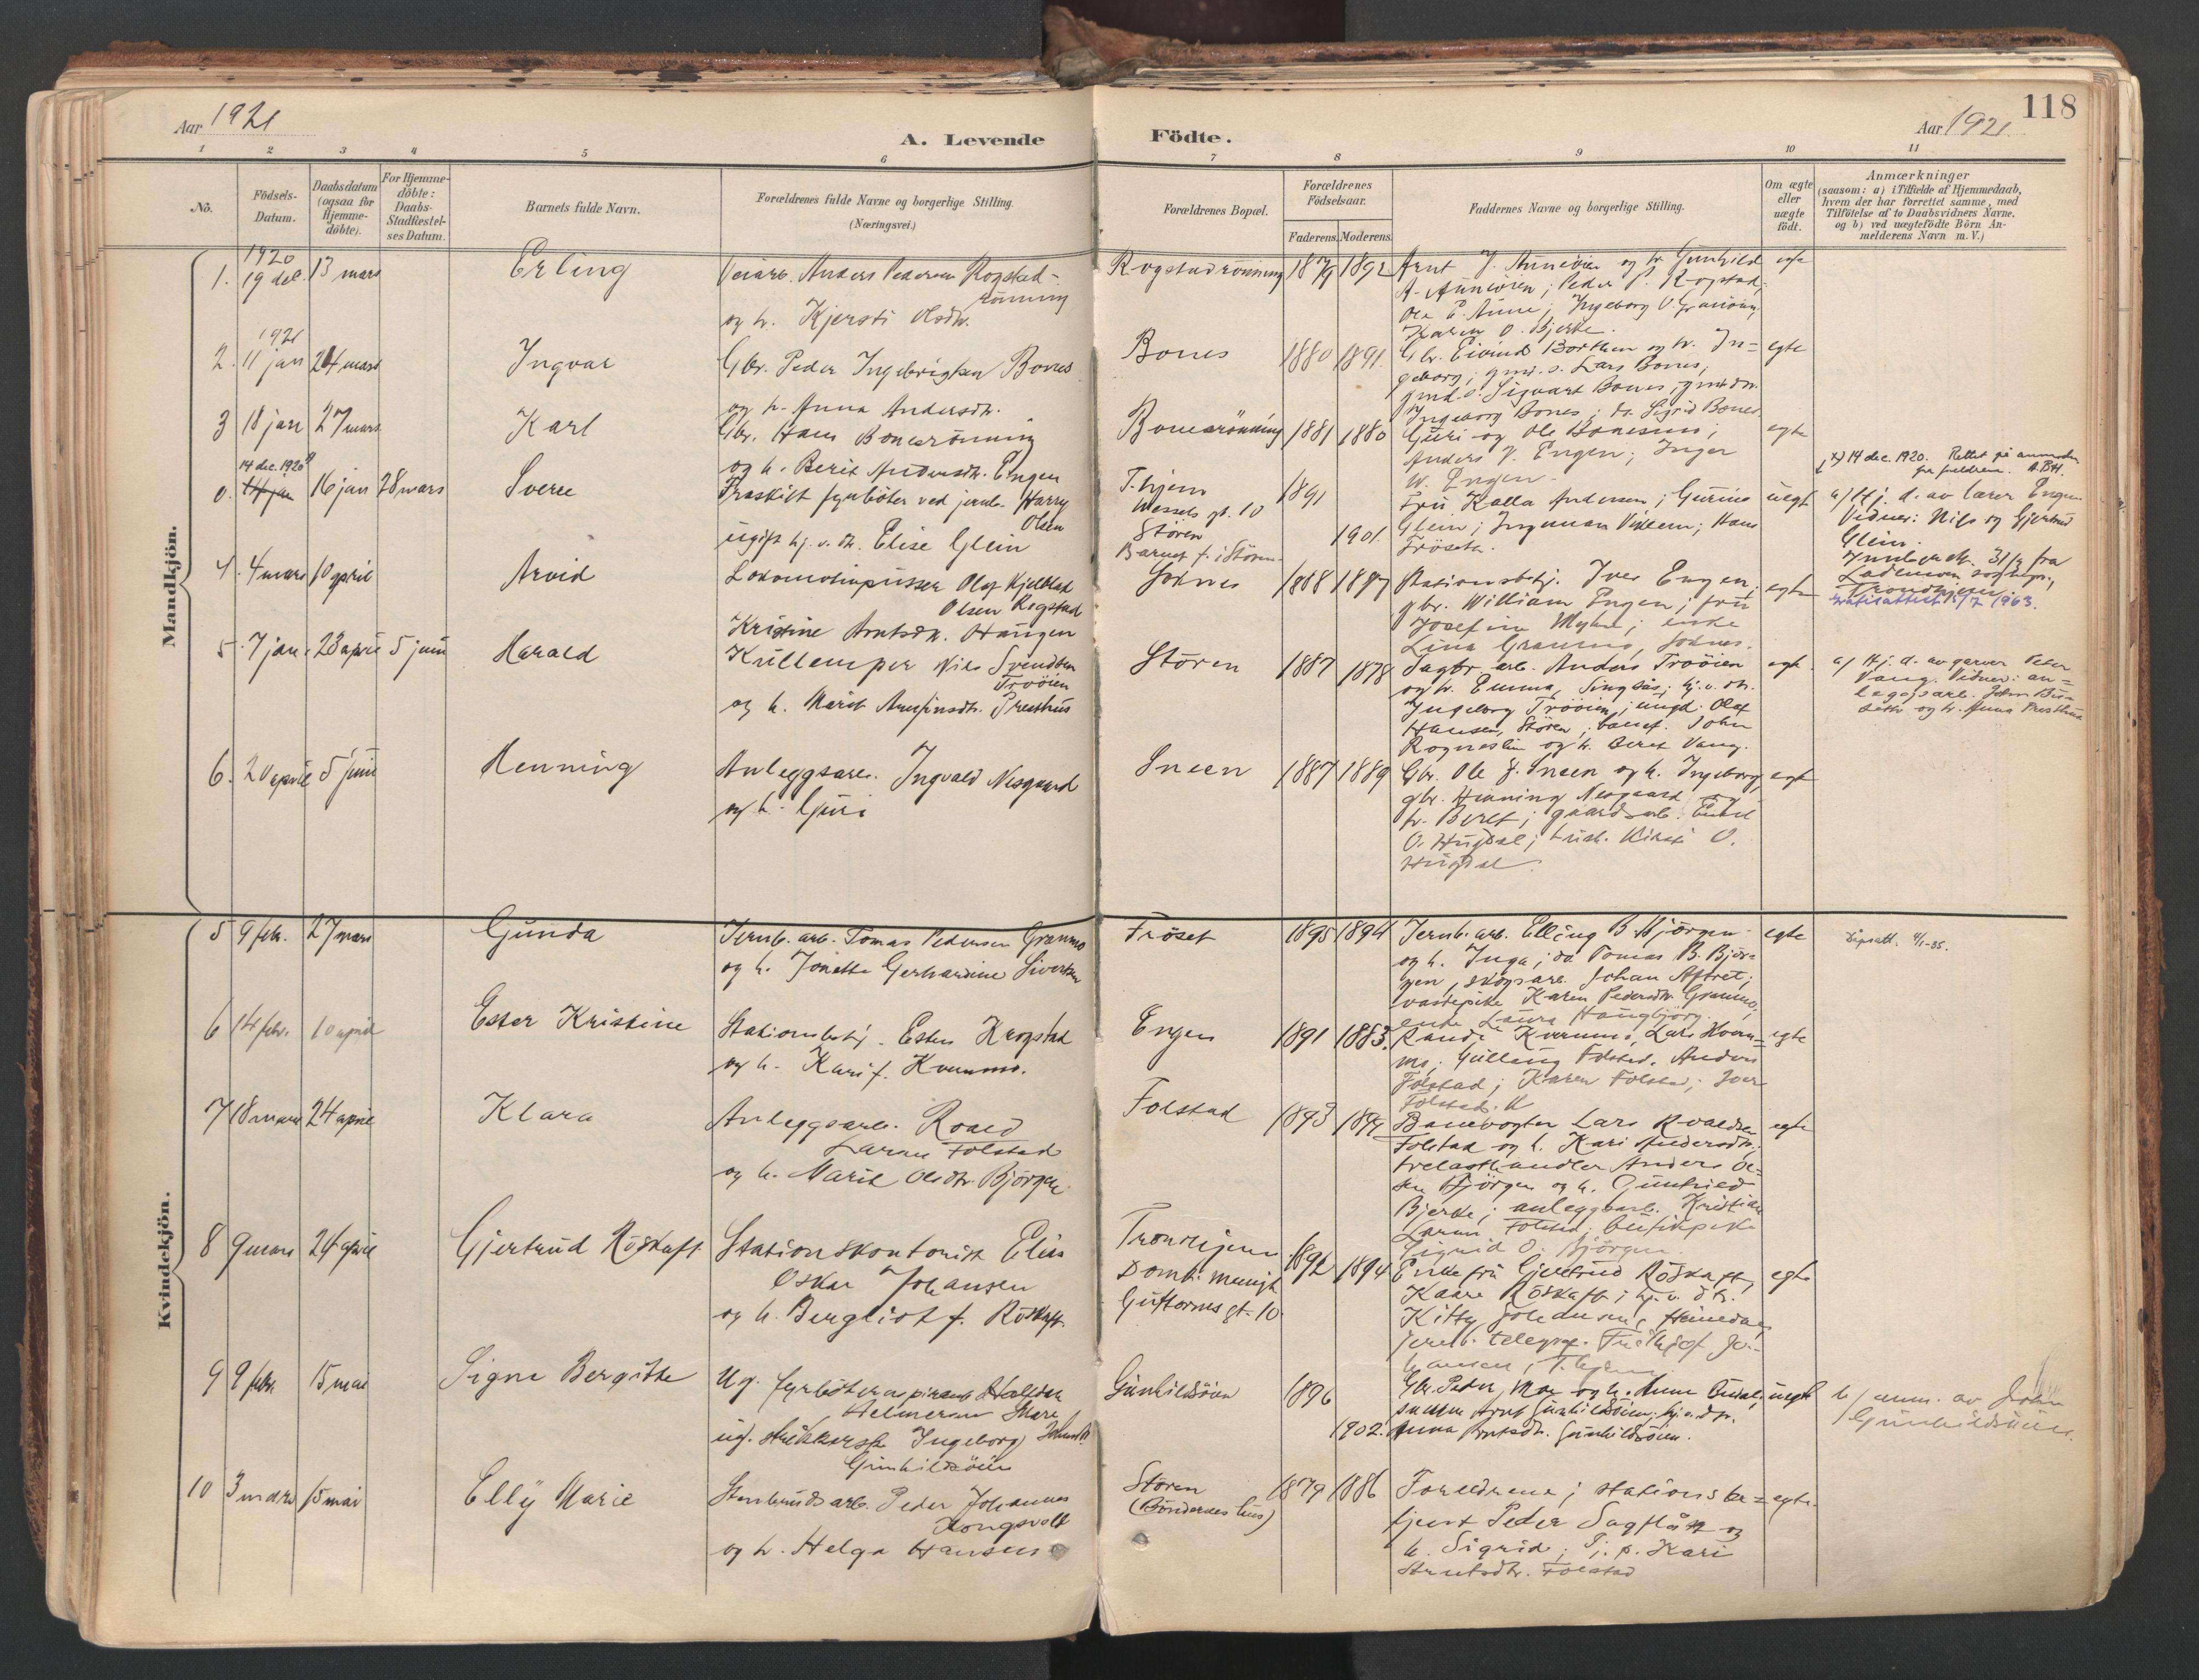 SAT, Ministerialprotokoller, klokkerbøker og fødselsregistre - Sør-Trøndelag, 687/L1004: Ministerialbok nr. 687A10, 1891-1923, s. 118